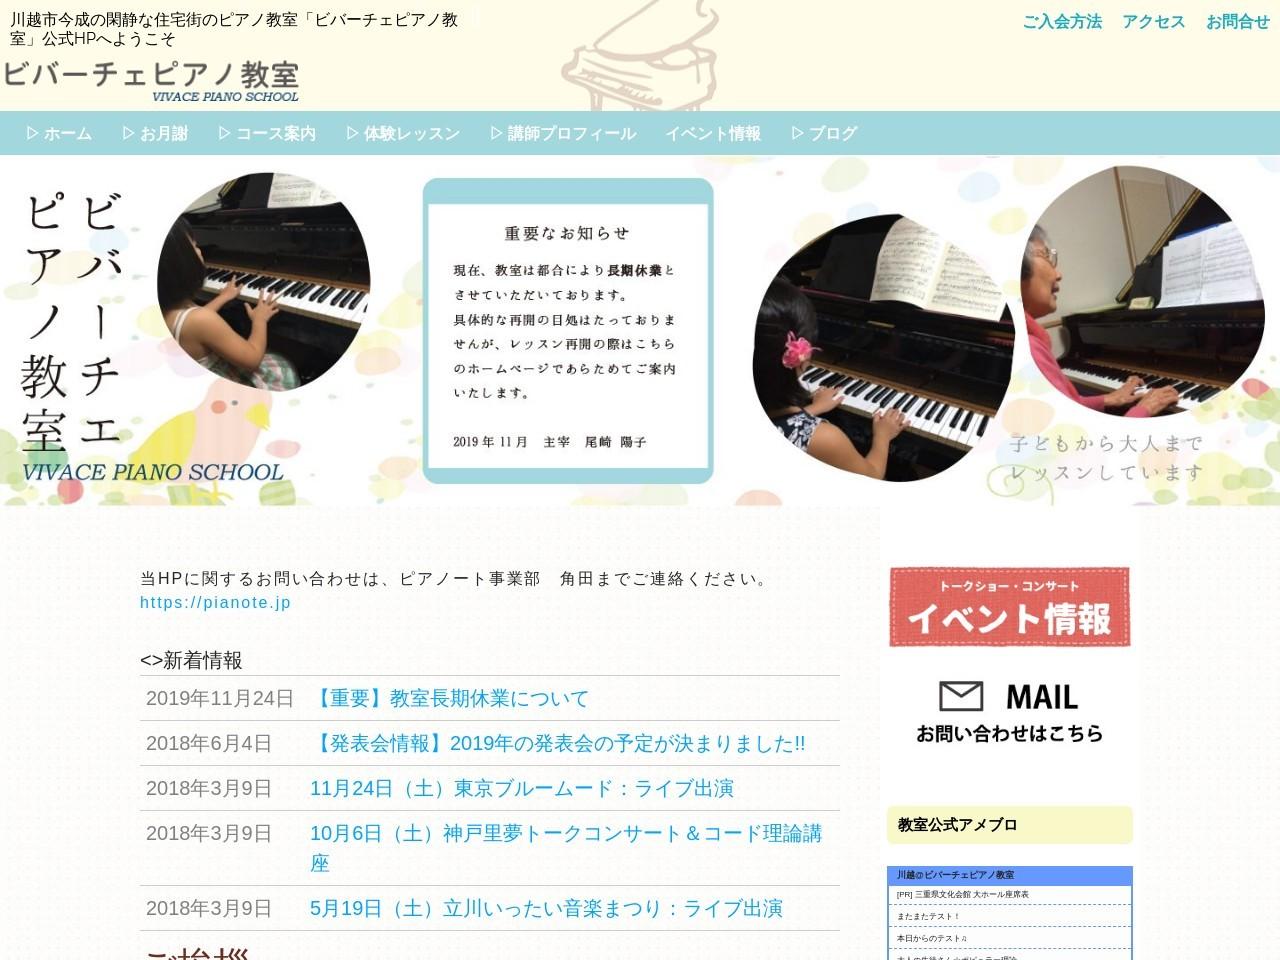 ビバーチェピアノ教室のサムネイル